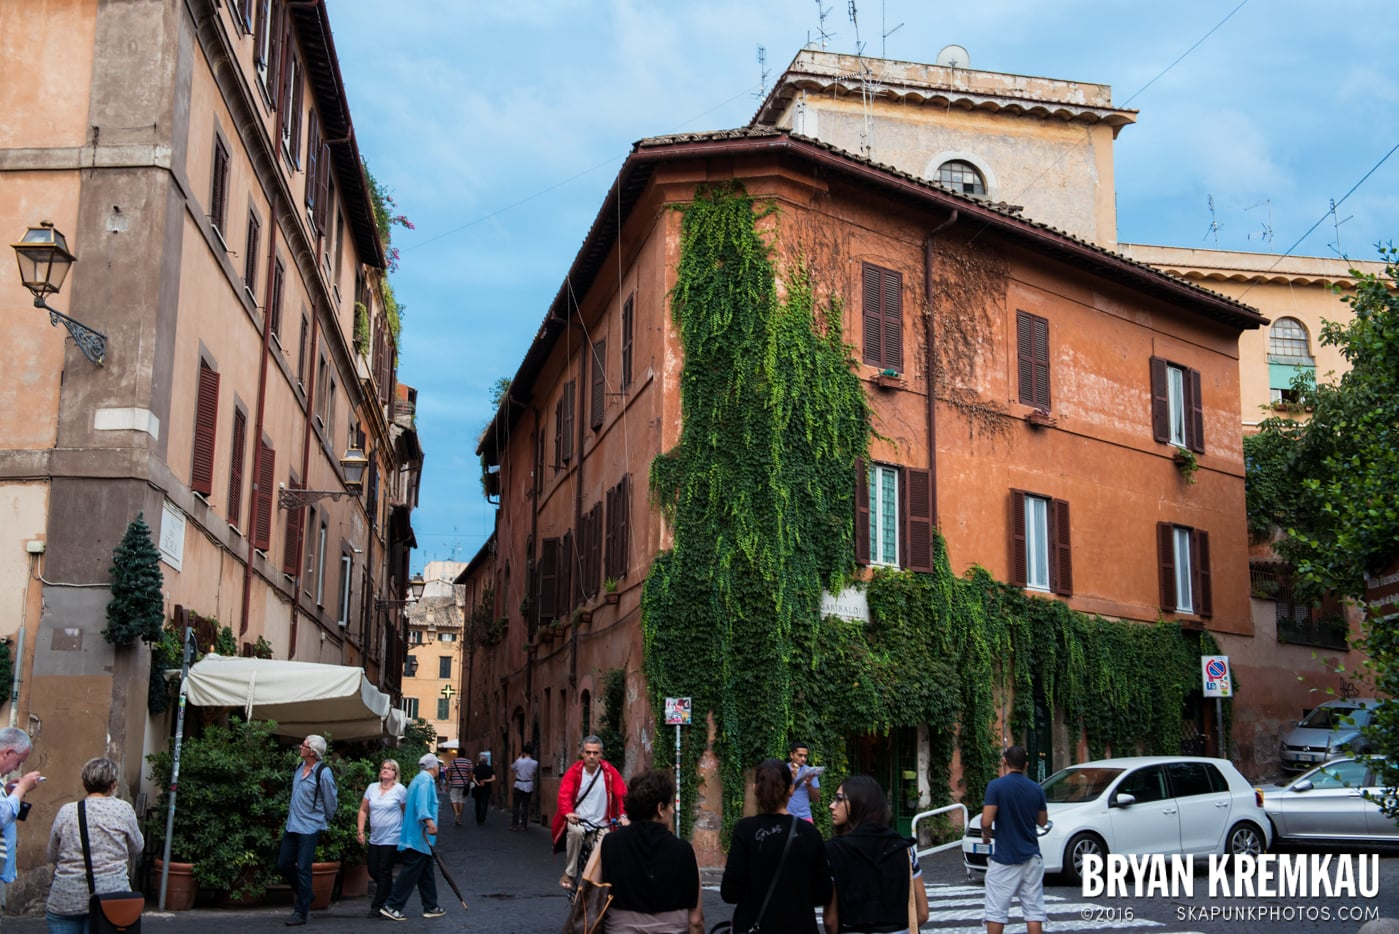 Italy Vacation - Day 2: Rome - 9.10.13 (24)